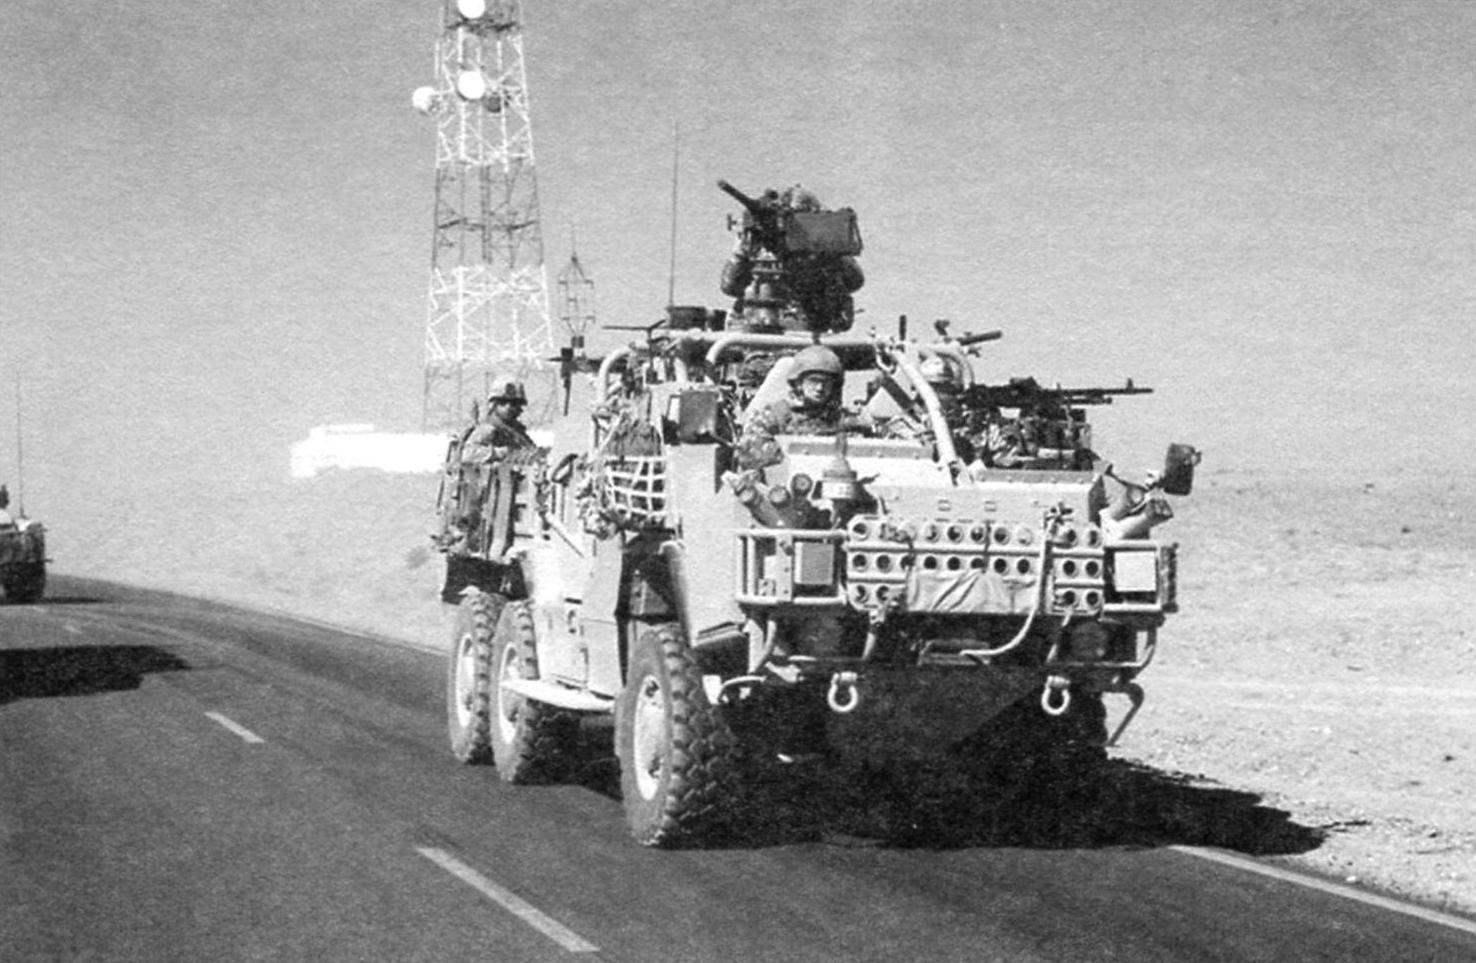 Бронеавтомобиль HTM 600 «Койот», созданный на базе НТМ 400 «Шакал». Сопровождение колонны. Афганистан, 2011 г.